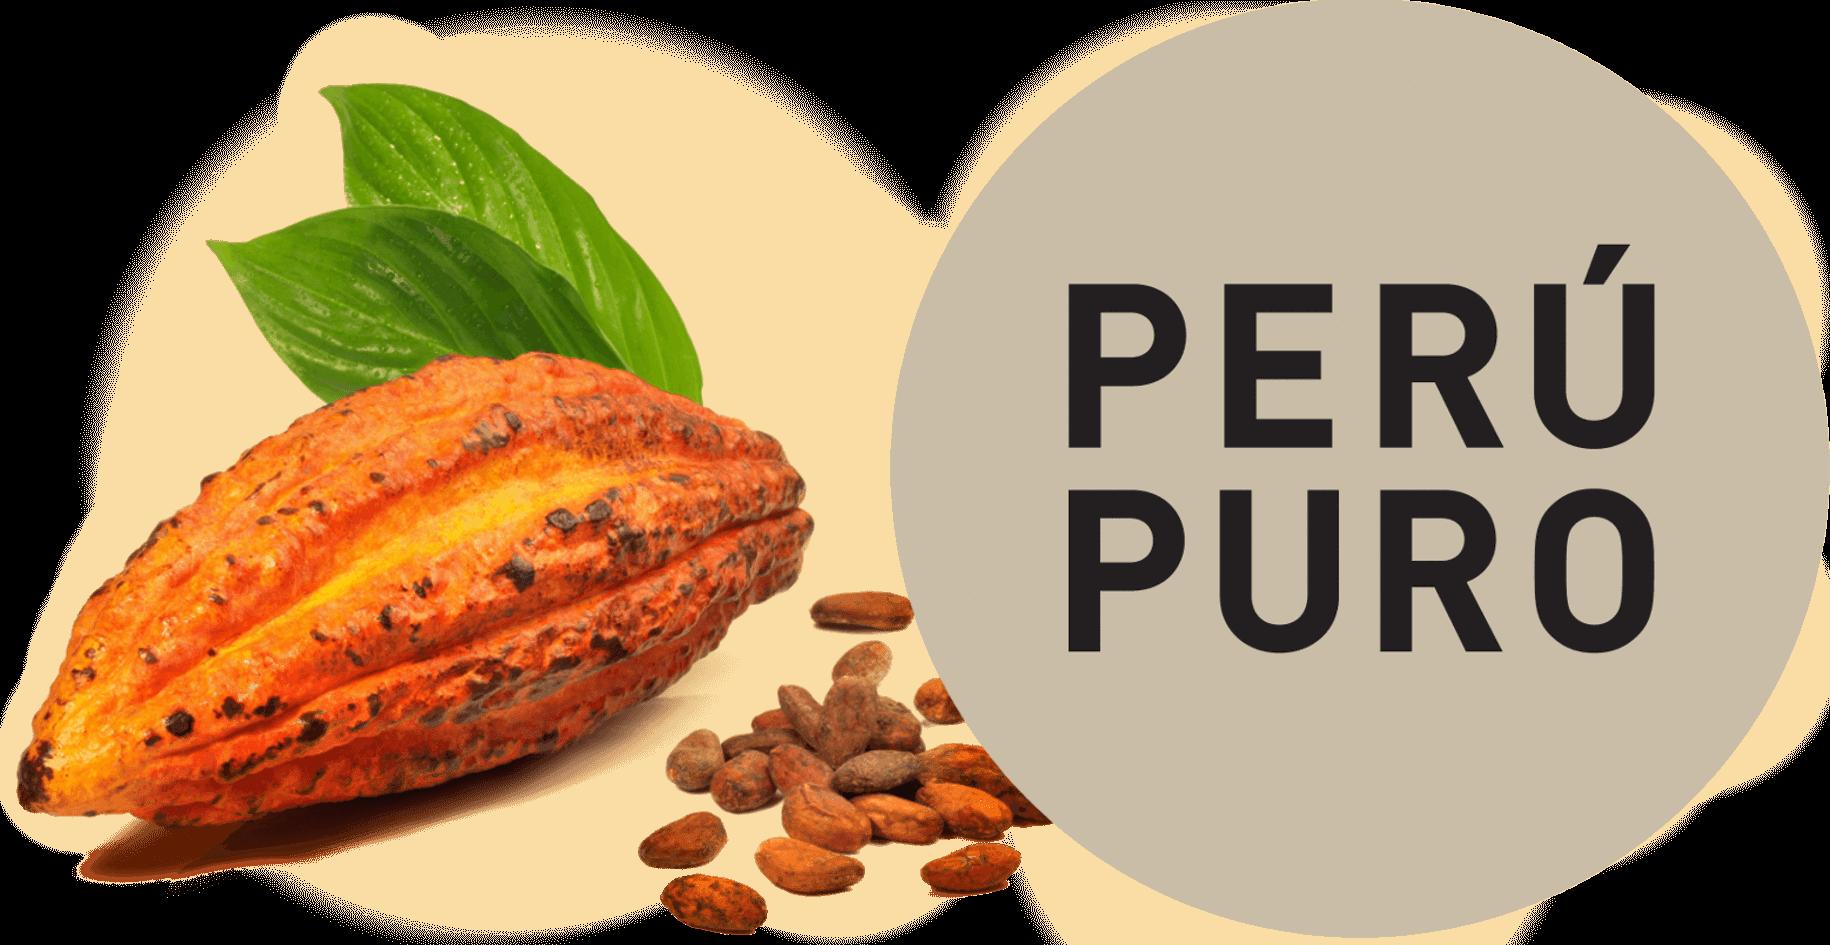 PERÚ PURO